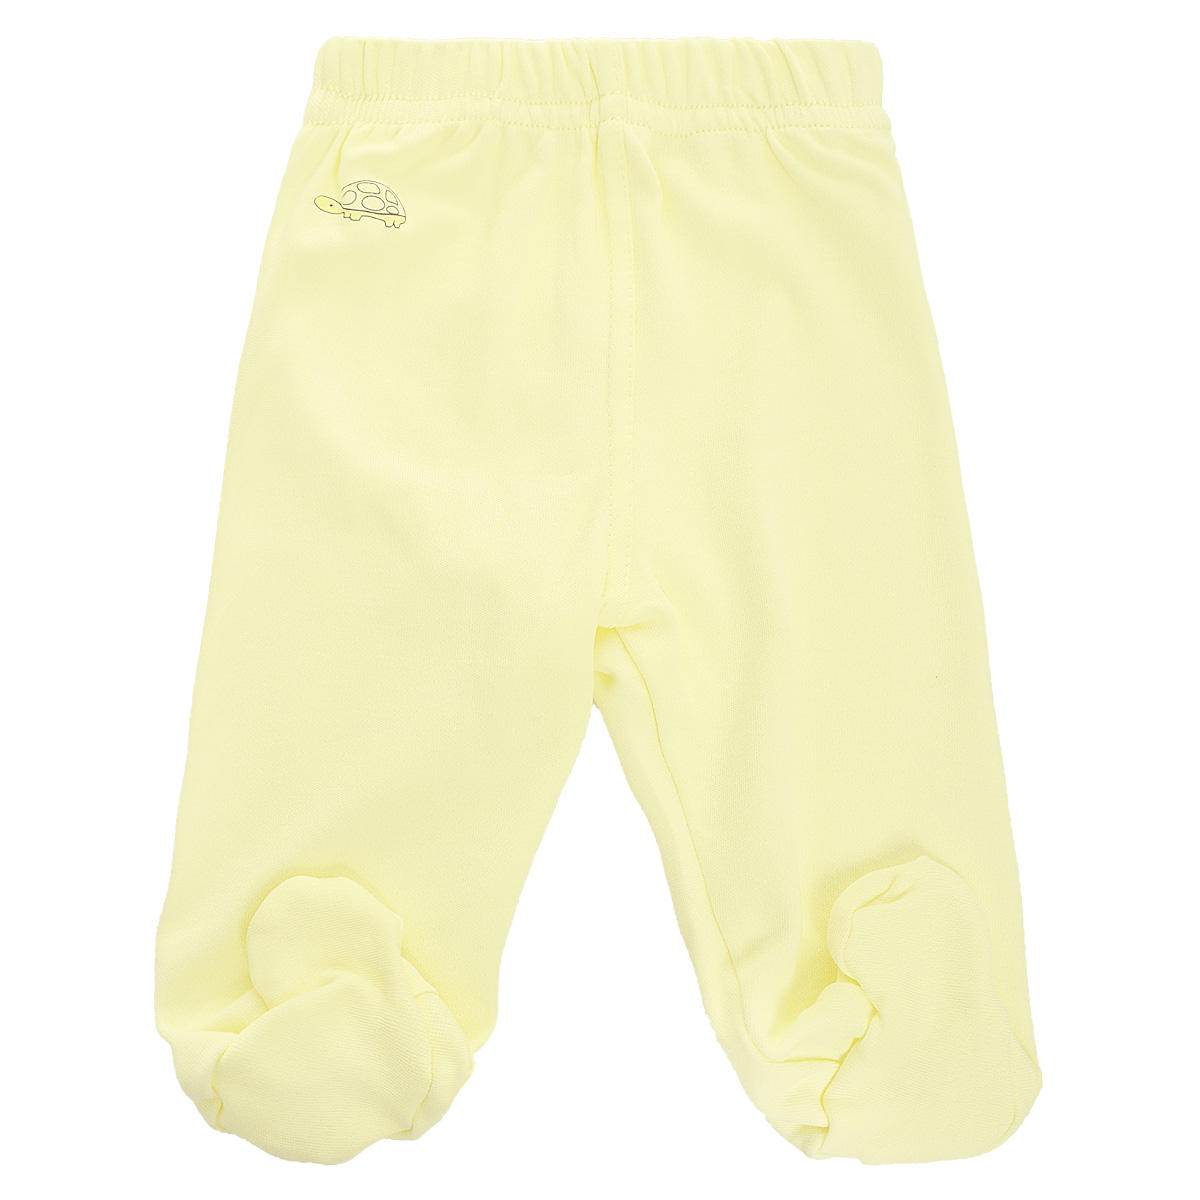 Ползунки Клякса, цвет: светло-желтый. 37-561. Размер 56, 0-1 месяц37-561Ползунки для новорожденного Клякса послужат идеальным дополнением к гардеробу вашего младенца, обеспечивая ему наибольший комфорт.Модель, изготовленная из интерлока - натурального хлопка, необычайно мягкая и легкая, не раздражает нежную кожу ребенка и хорошо вентилируется, а эластичные швы приятны телу новорожденного и не препятствуют его движениям. Ползунки с закрытыми ножками благодаря мягкому эластичному поясу не сдавливают животик младенца и не сползают, идеально подходят для ношения с подгузником. Спереди изделие оформлено оригинальным принтом в виде небольшого изображения животного. Они полностью соответствуют особенностям жизни ребенка в ранний период, не стесняя и не ограничивая его в движениях. УВАЖАЕМЫЕ КЛИЕНТЫ! Обращаем ваше внимание на возможные незначительные изменения в дизайне: рисунок животного может отличатся от рисунка, изображенного на фотографии.